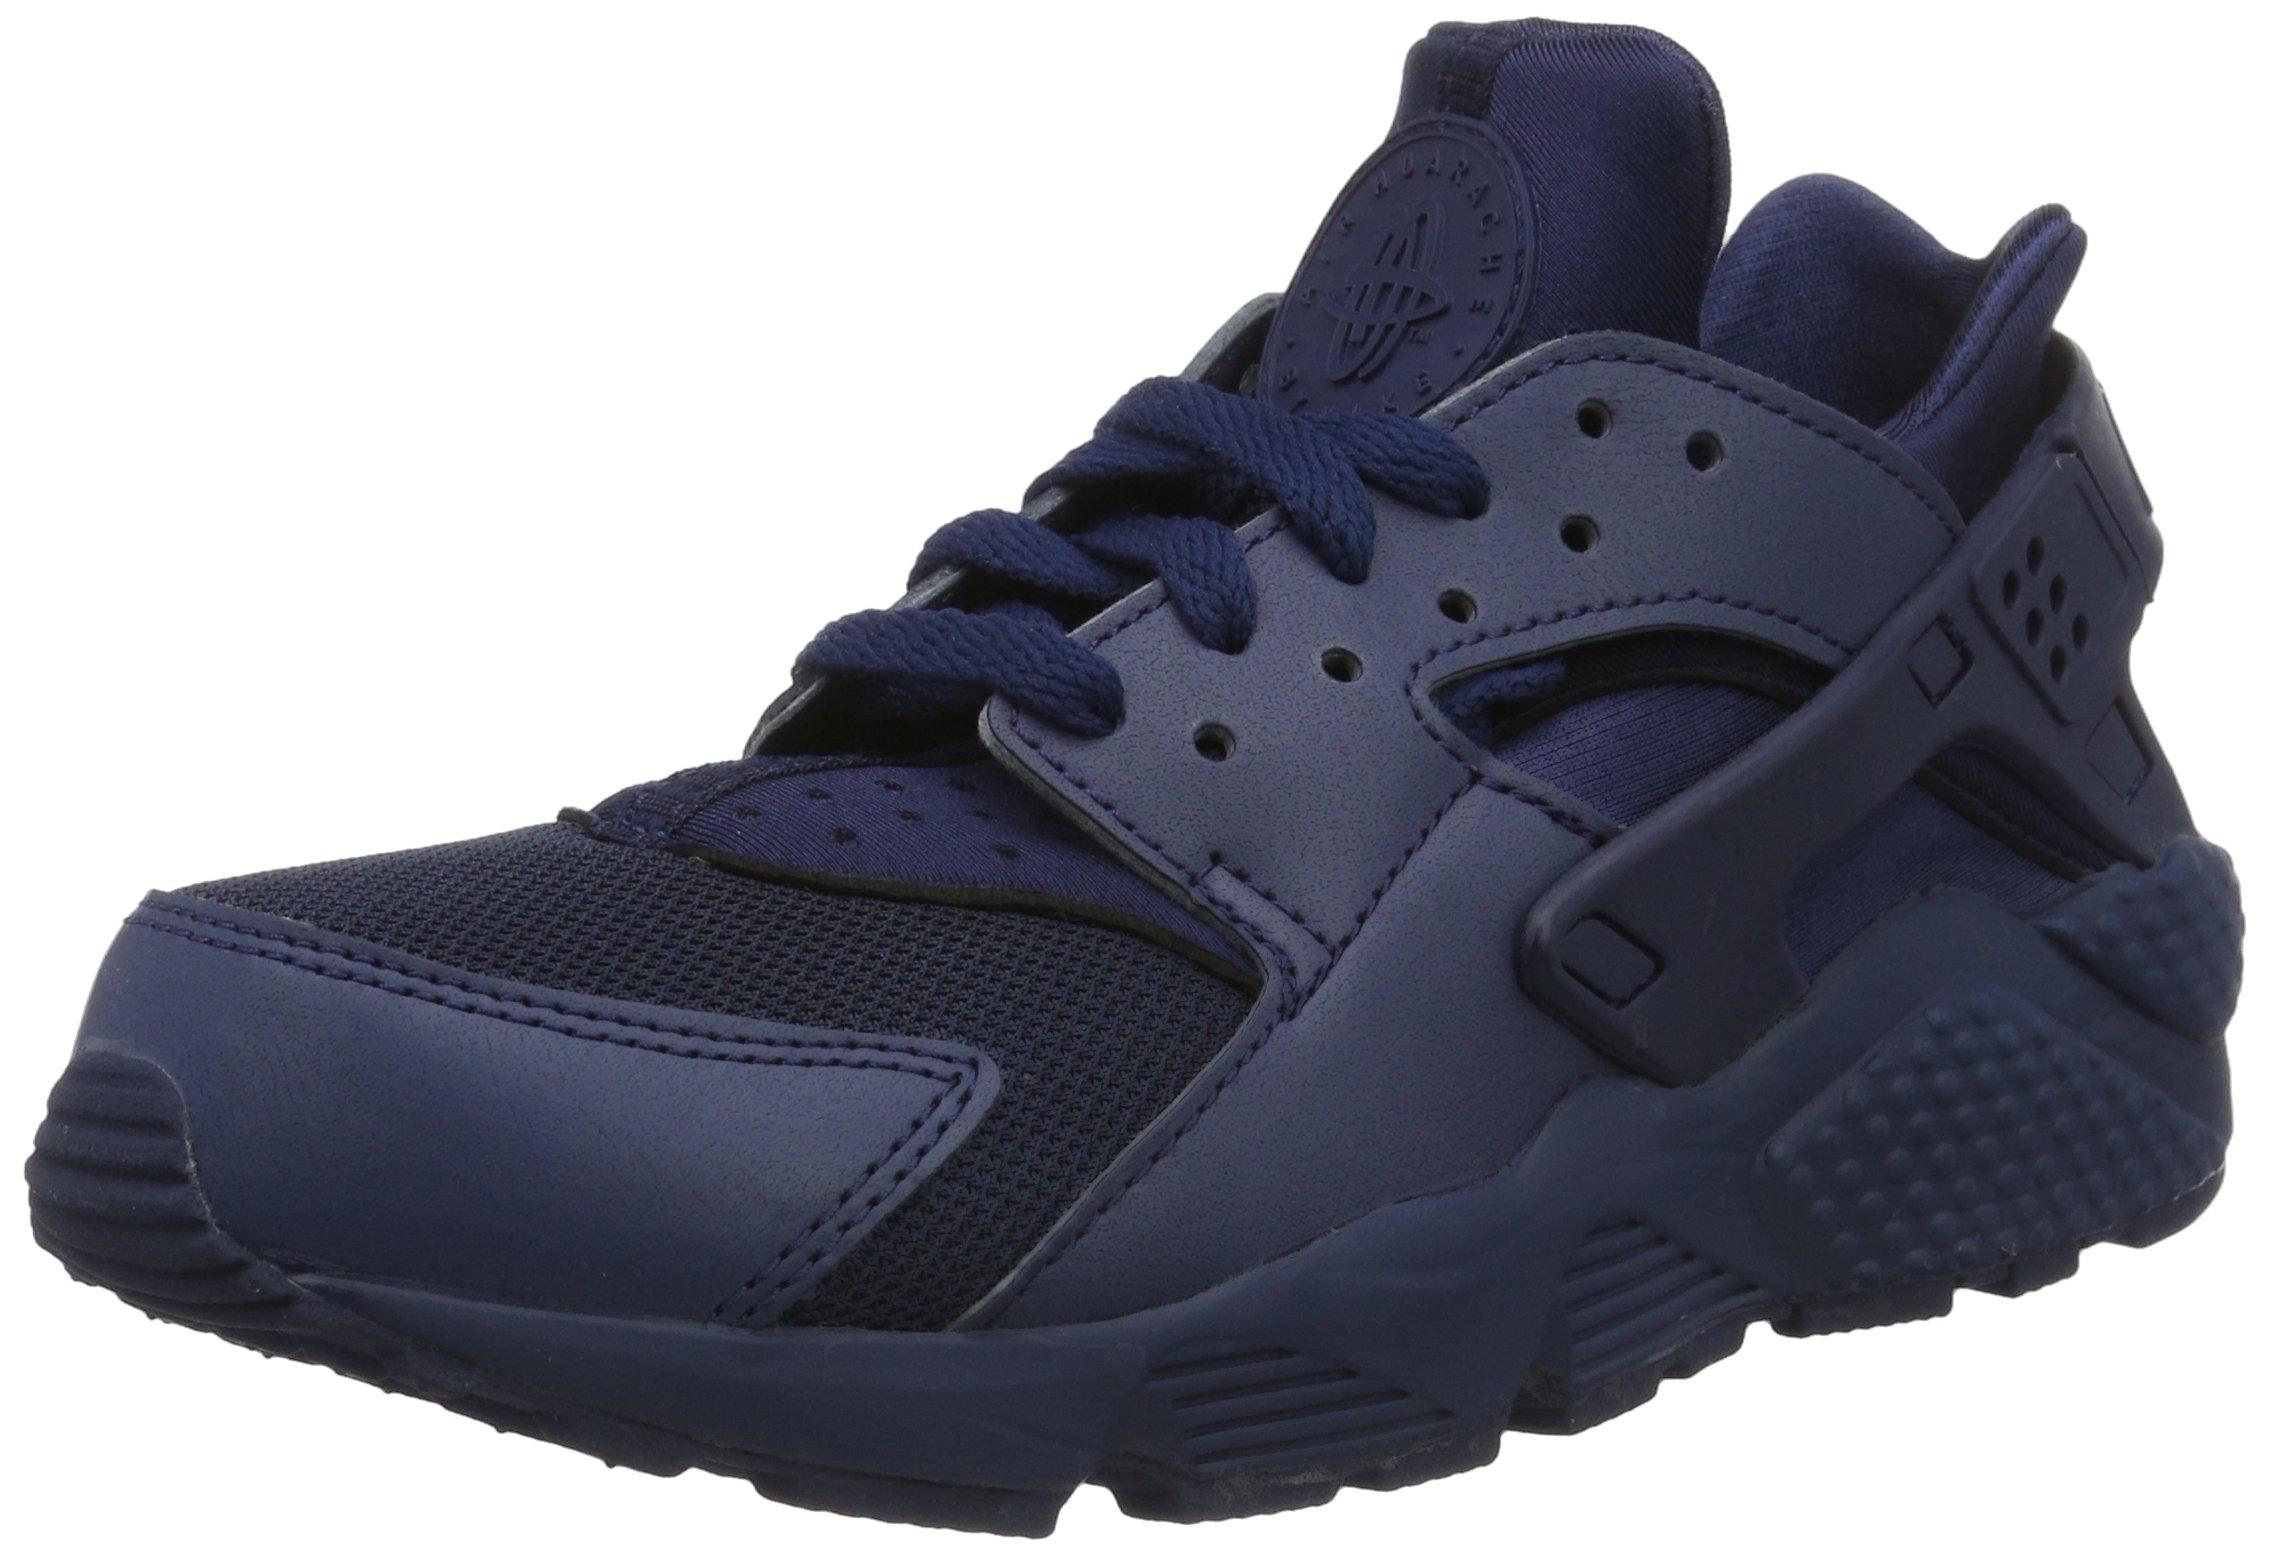 2777d2c1b358 Galleon - Nike Men s Air Huarache